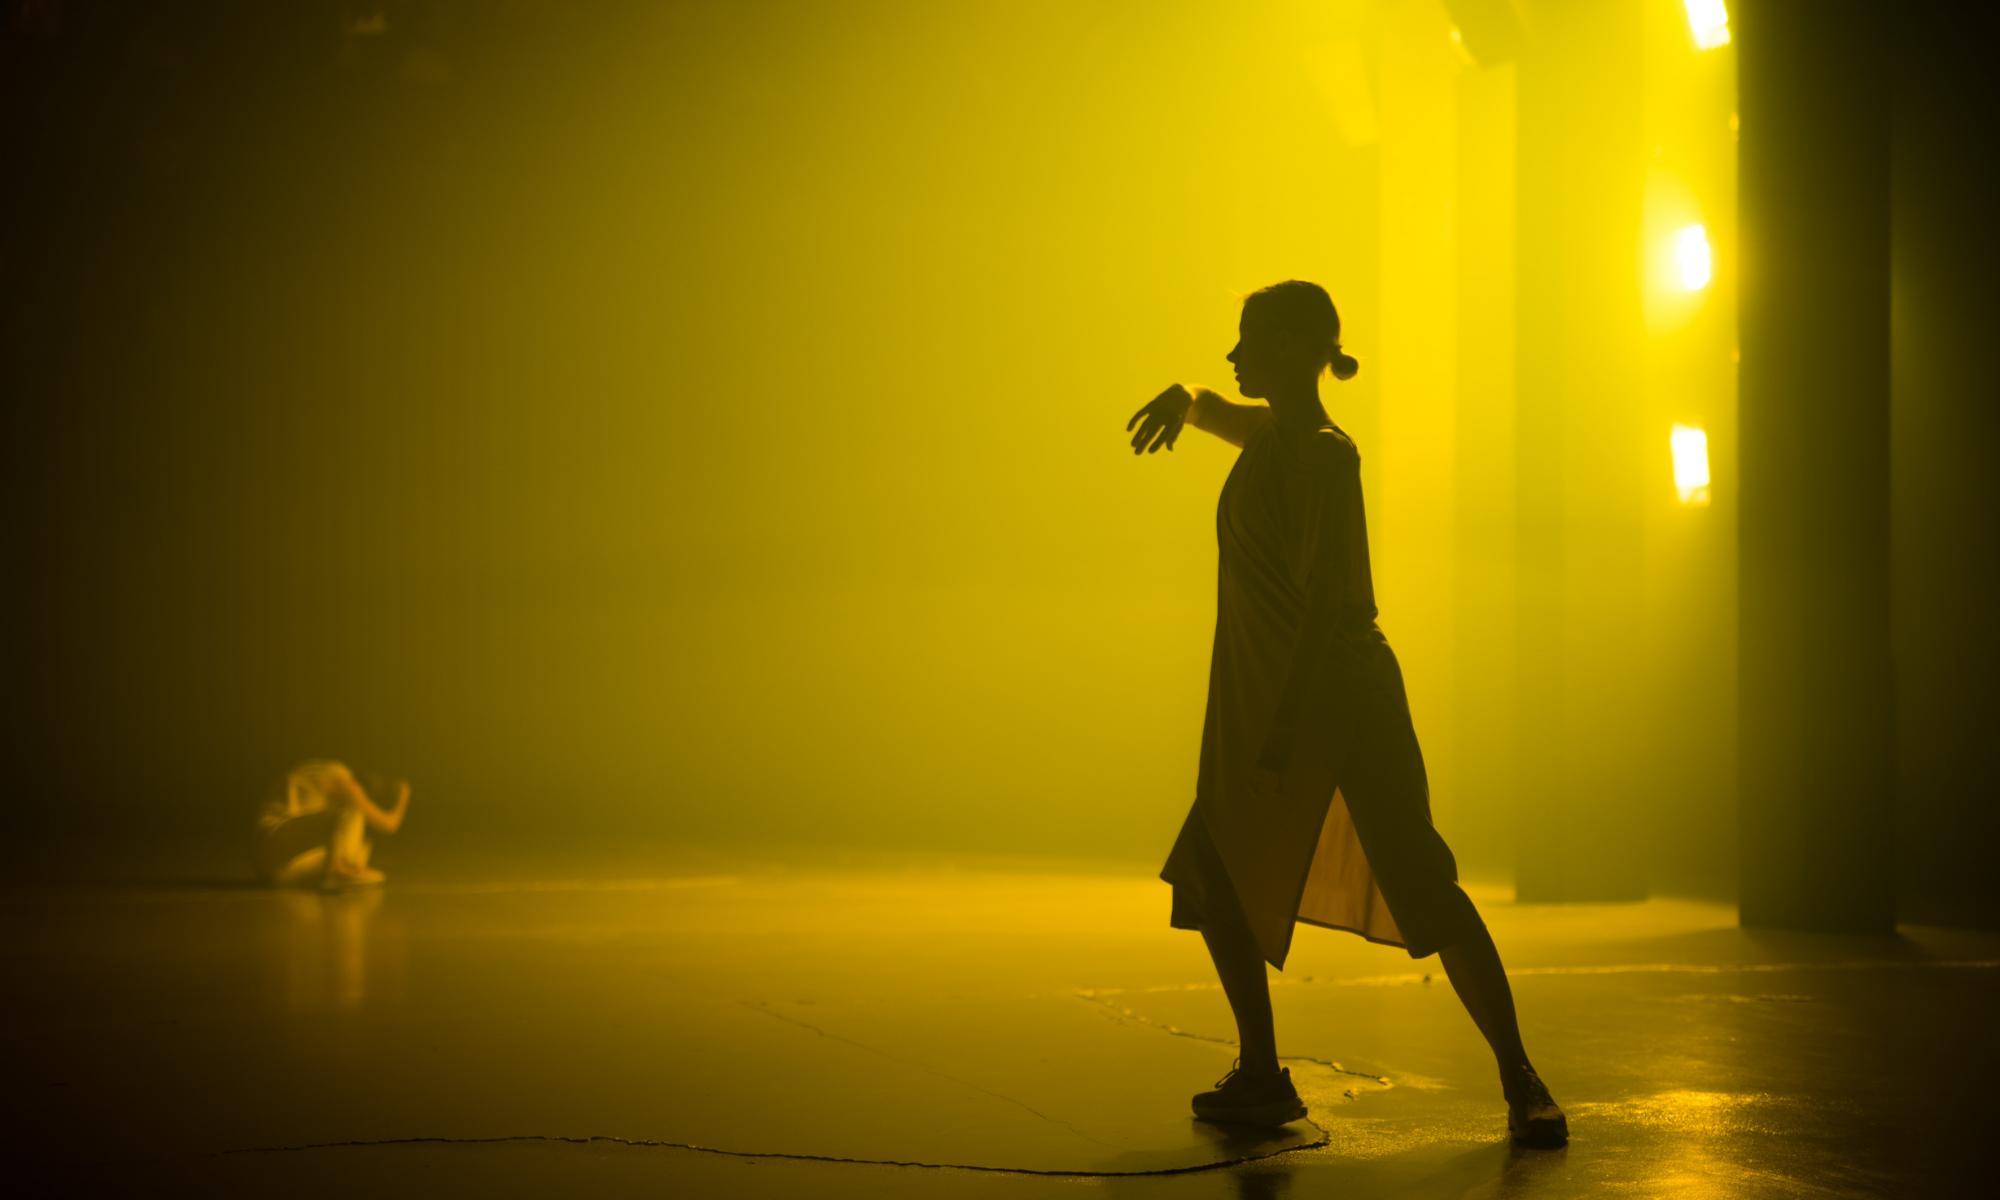 Tanssija keltaisessa, sumun täyttämässä esitystilassa